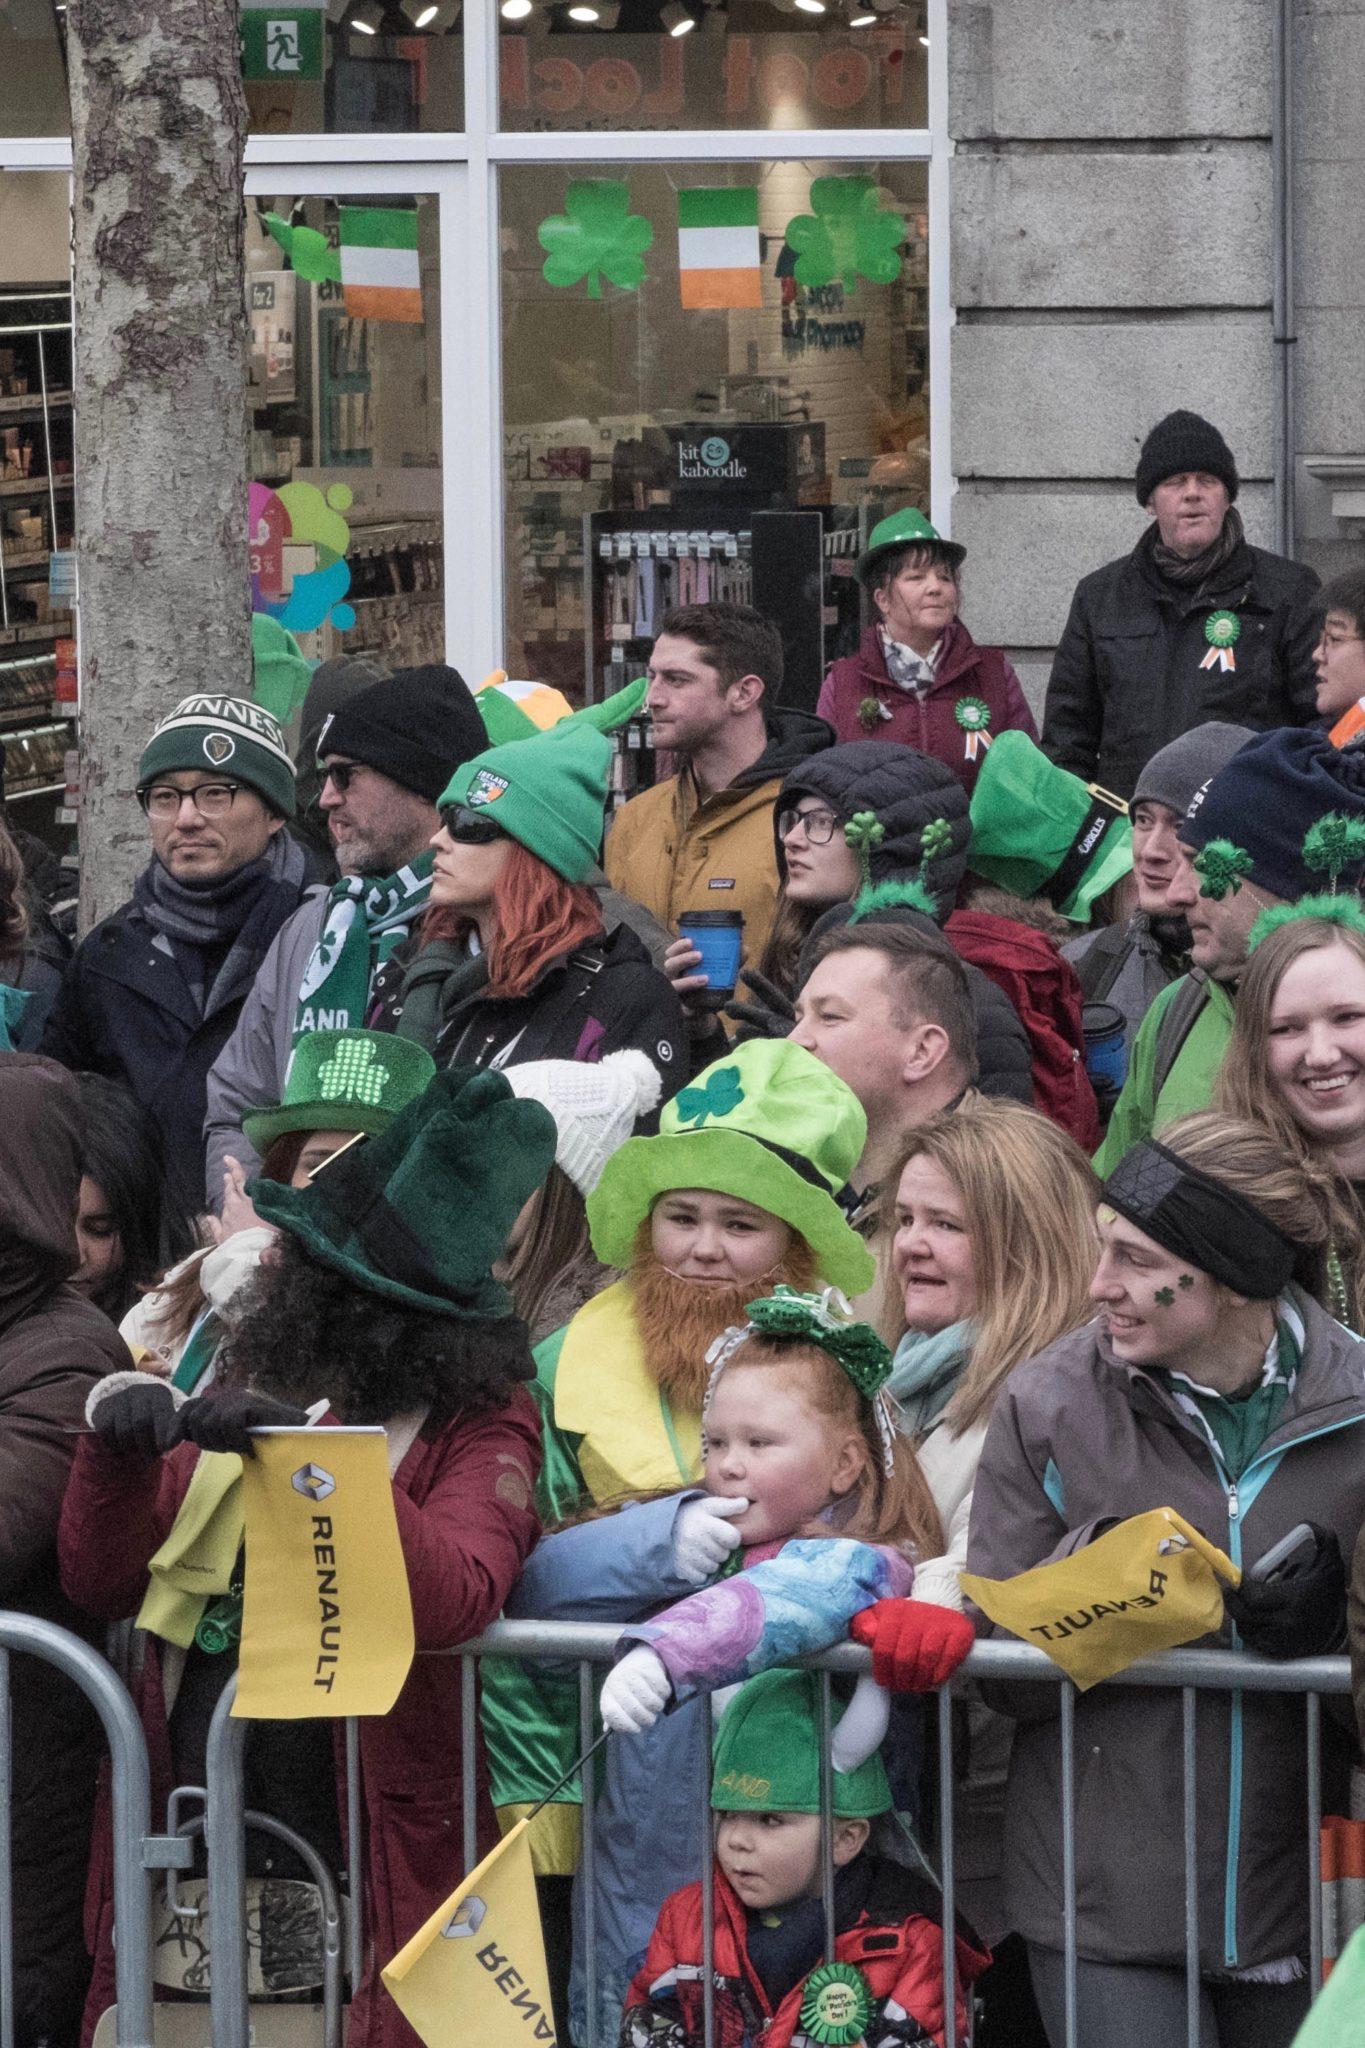 St. Patrick's Day in Dublin: Auch die Zuschauer sind komplett in grün gekleidet